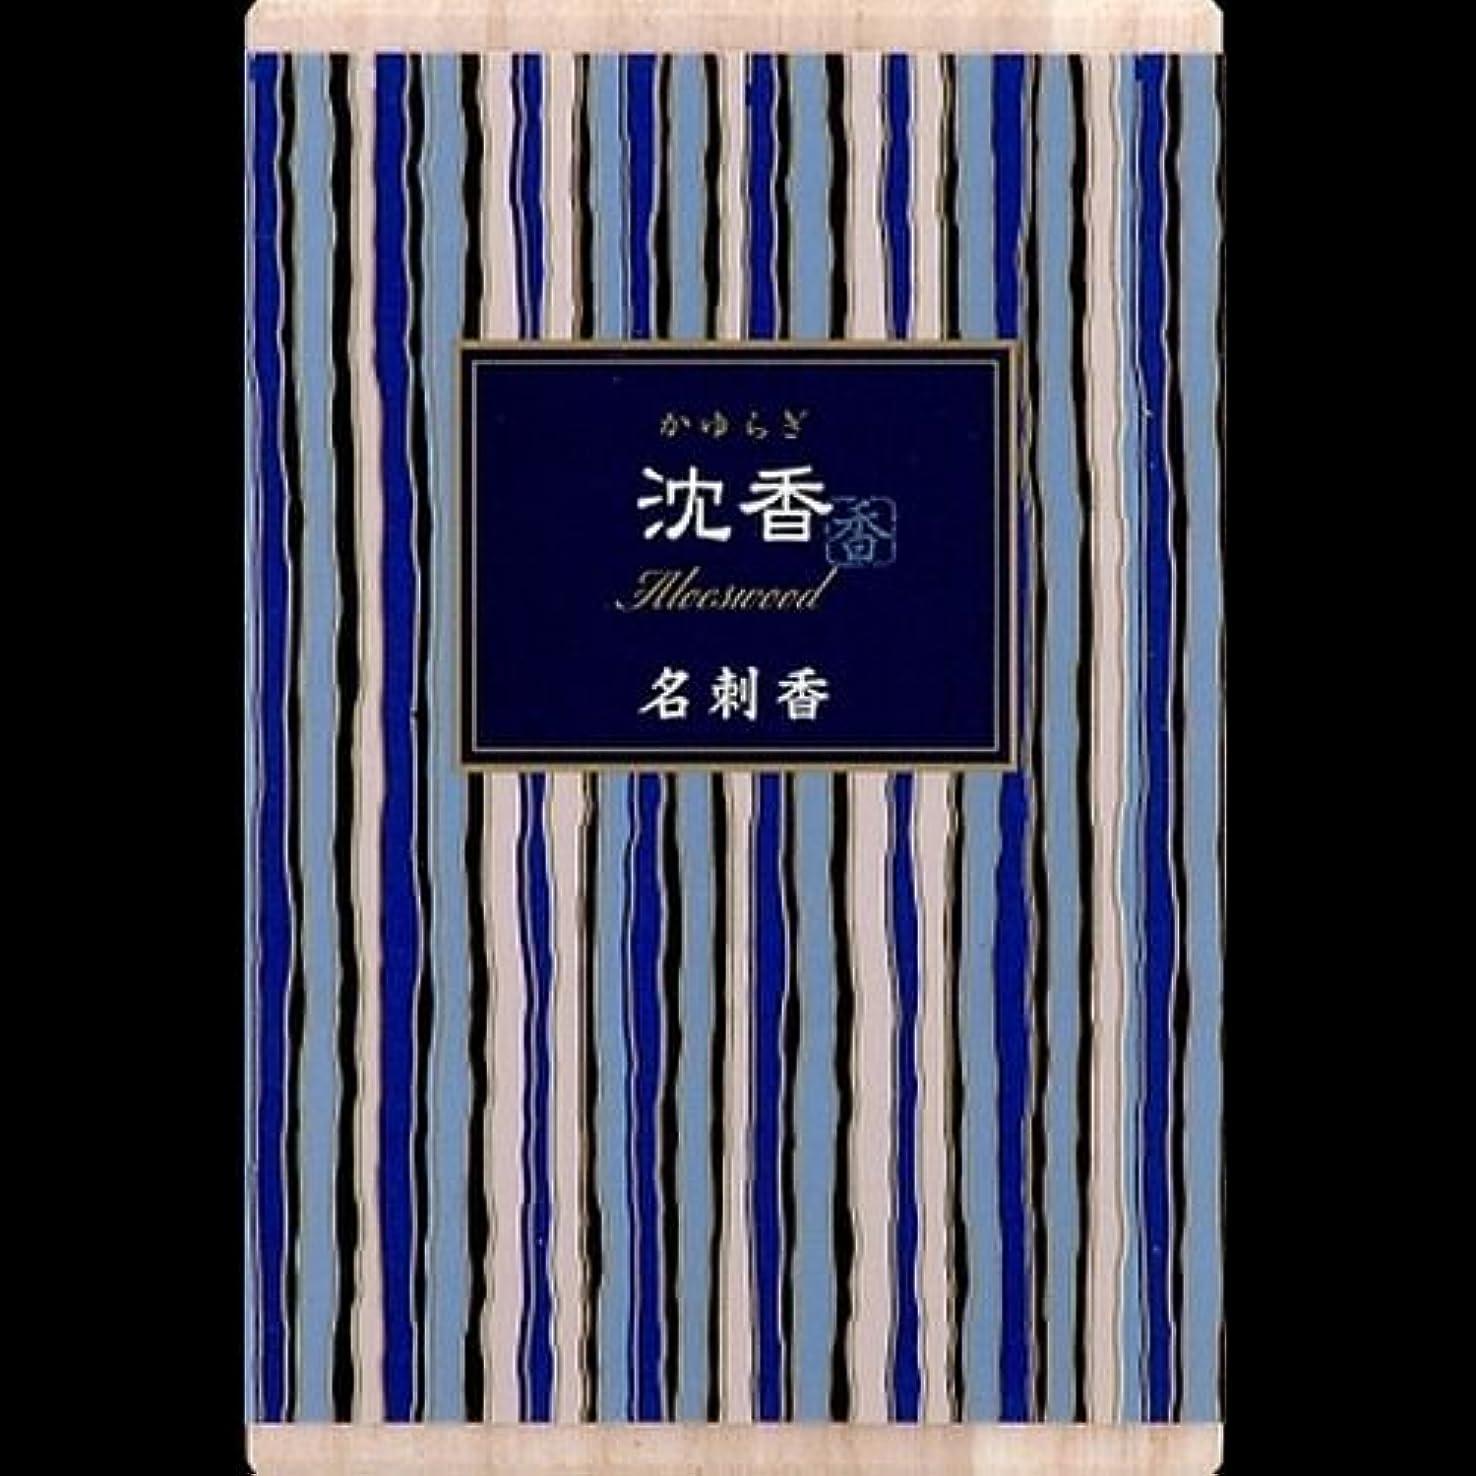 に向かって荒廃する巻き戻す【まとめ買い】かゆらぎ 沈香 名刺香 桐箱 6入 ×2セット